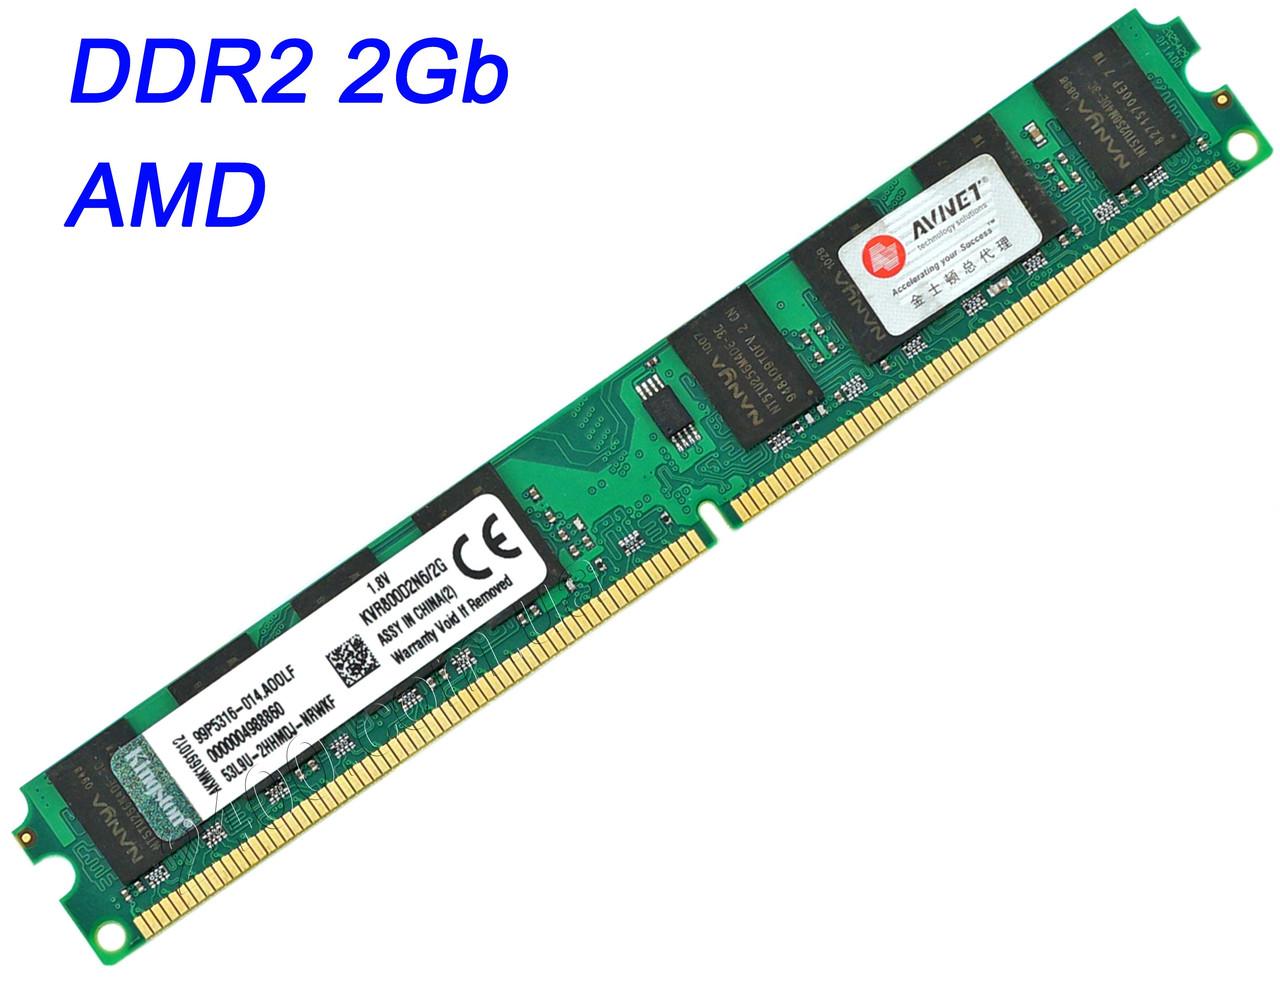 Оперативна пам'ять DDR2 2GB 800mhz (2Гб ДДР2) AMD AM2/AM2+ – KVR800D2N6/2G PC2-6400 800/667 Мгц (ОЗП) 2048MB